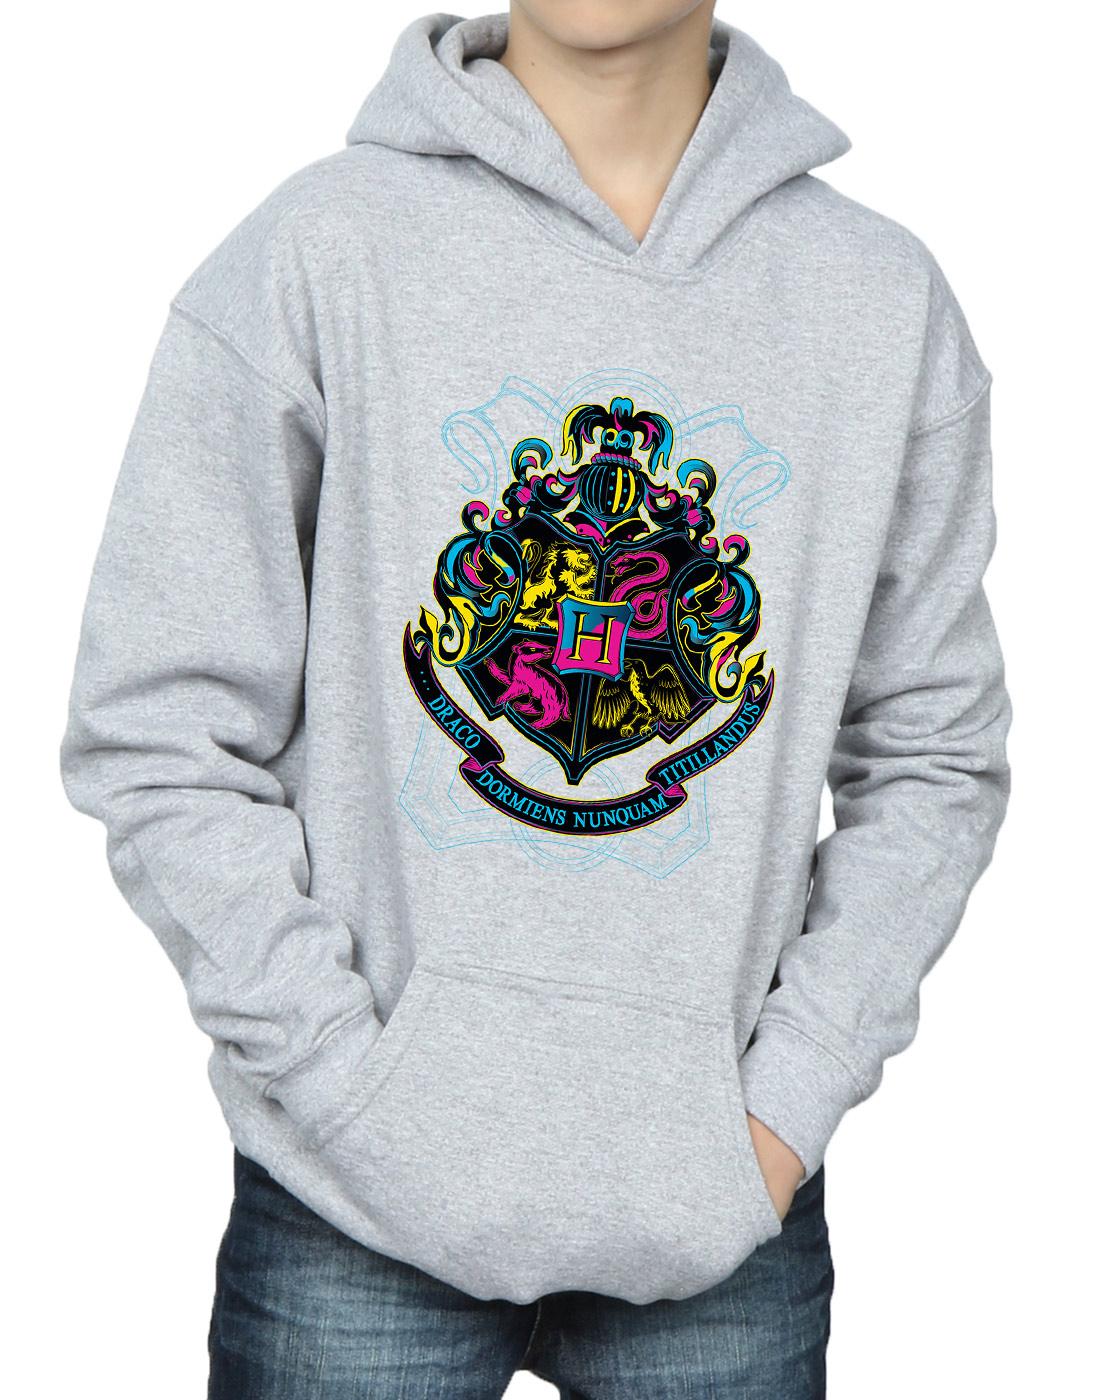 Harry Potter Garçons Fluo HOGWARTS crest hoodie